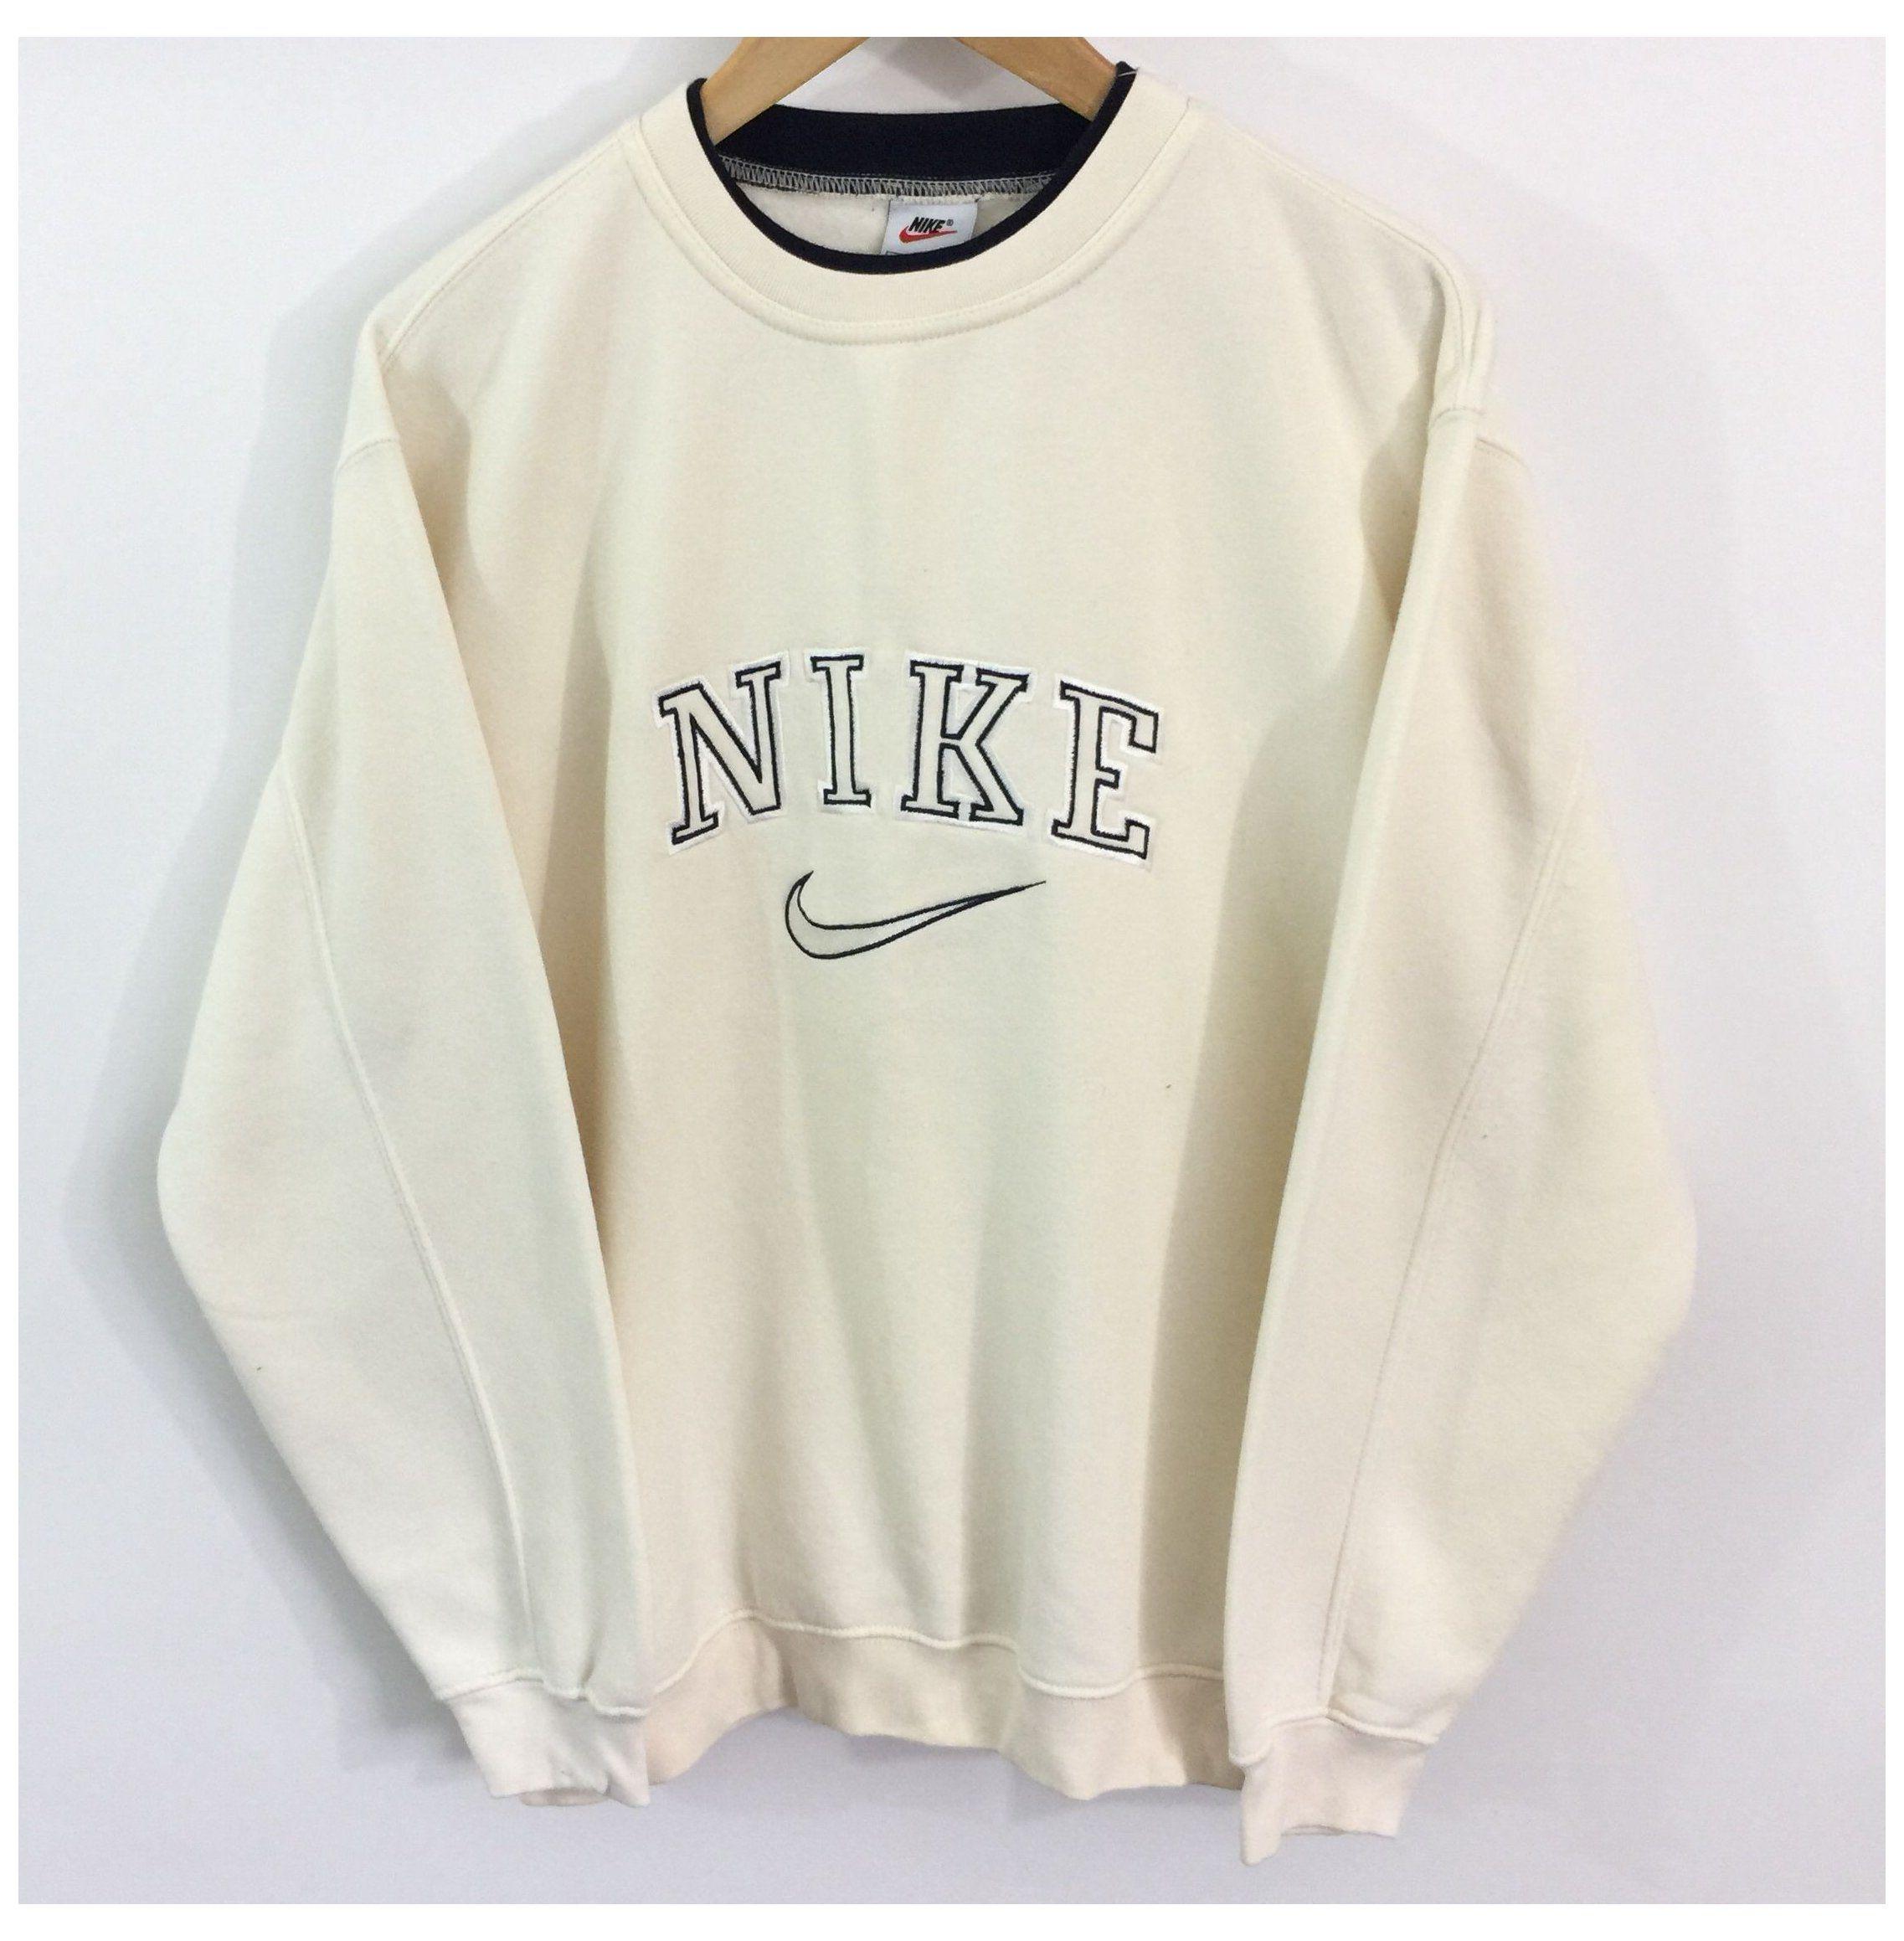 Vintage Nike Sweatshirt Label Size Medium Cream Depop Crewneck Sweatshirt Outfit Baddie Vin In 2020 Vintage Nike Sweatshirt Vintage Hoodies Retro Outfits